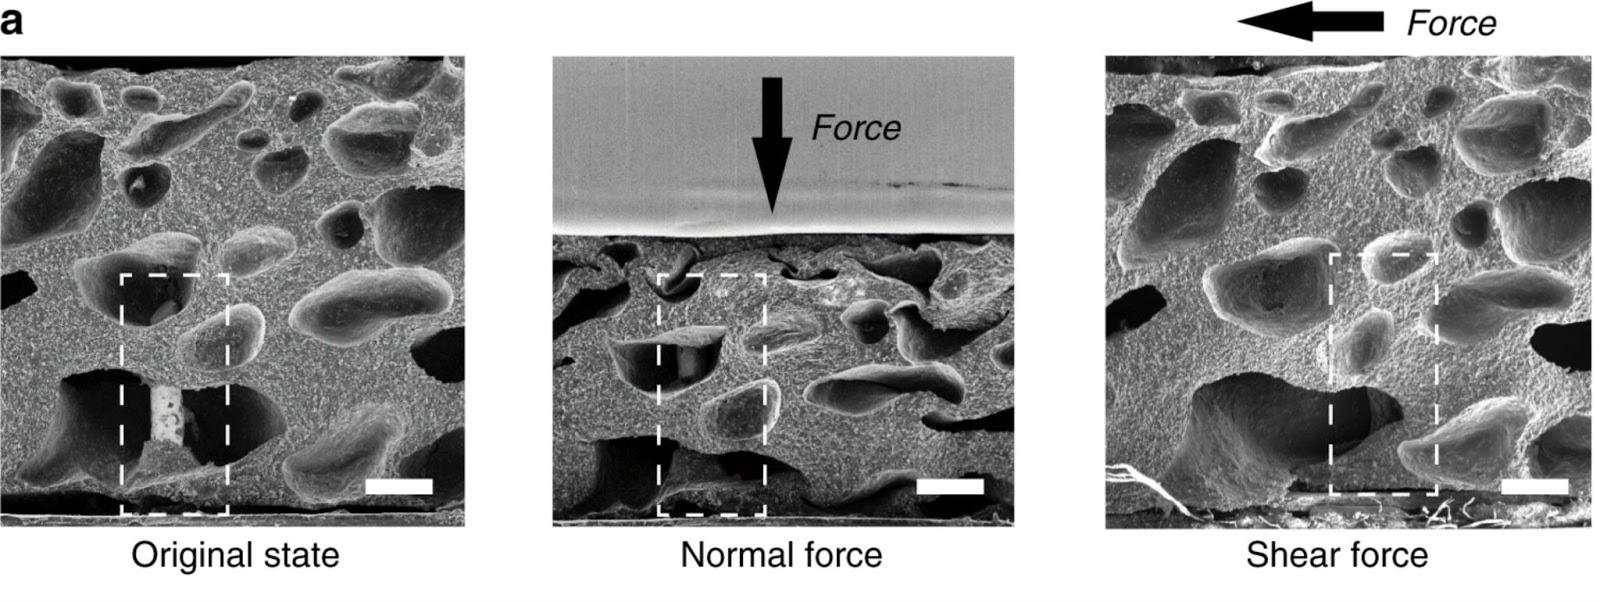 Изображение AiFoam, сделанное при помощи электронной микроскопии. Слева направо: материал в исходном состоянии, при нагрузке с нормальной силой, при боковой нагрузке. Пунктиром выделено положение трёхмерного электрода. Стрелки обозначают направление приложенной силы. Шкала 200 мкм.